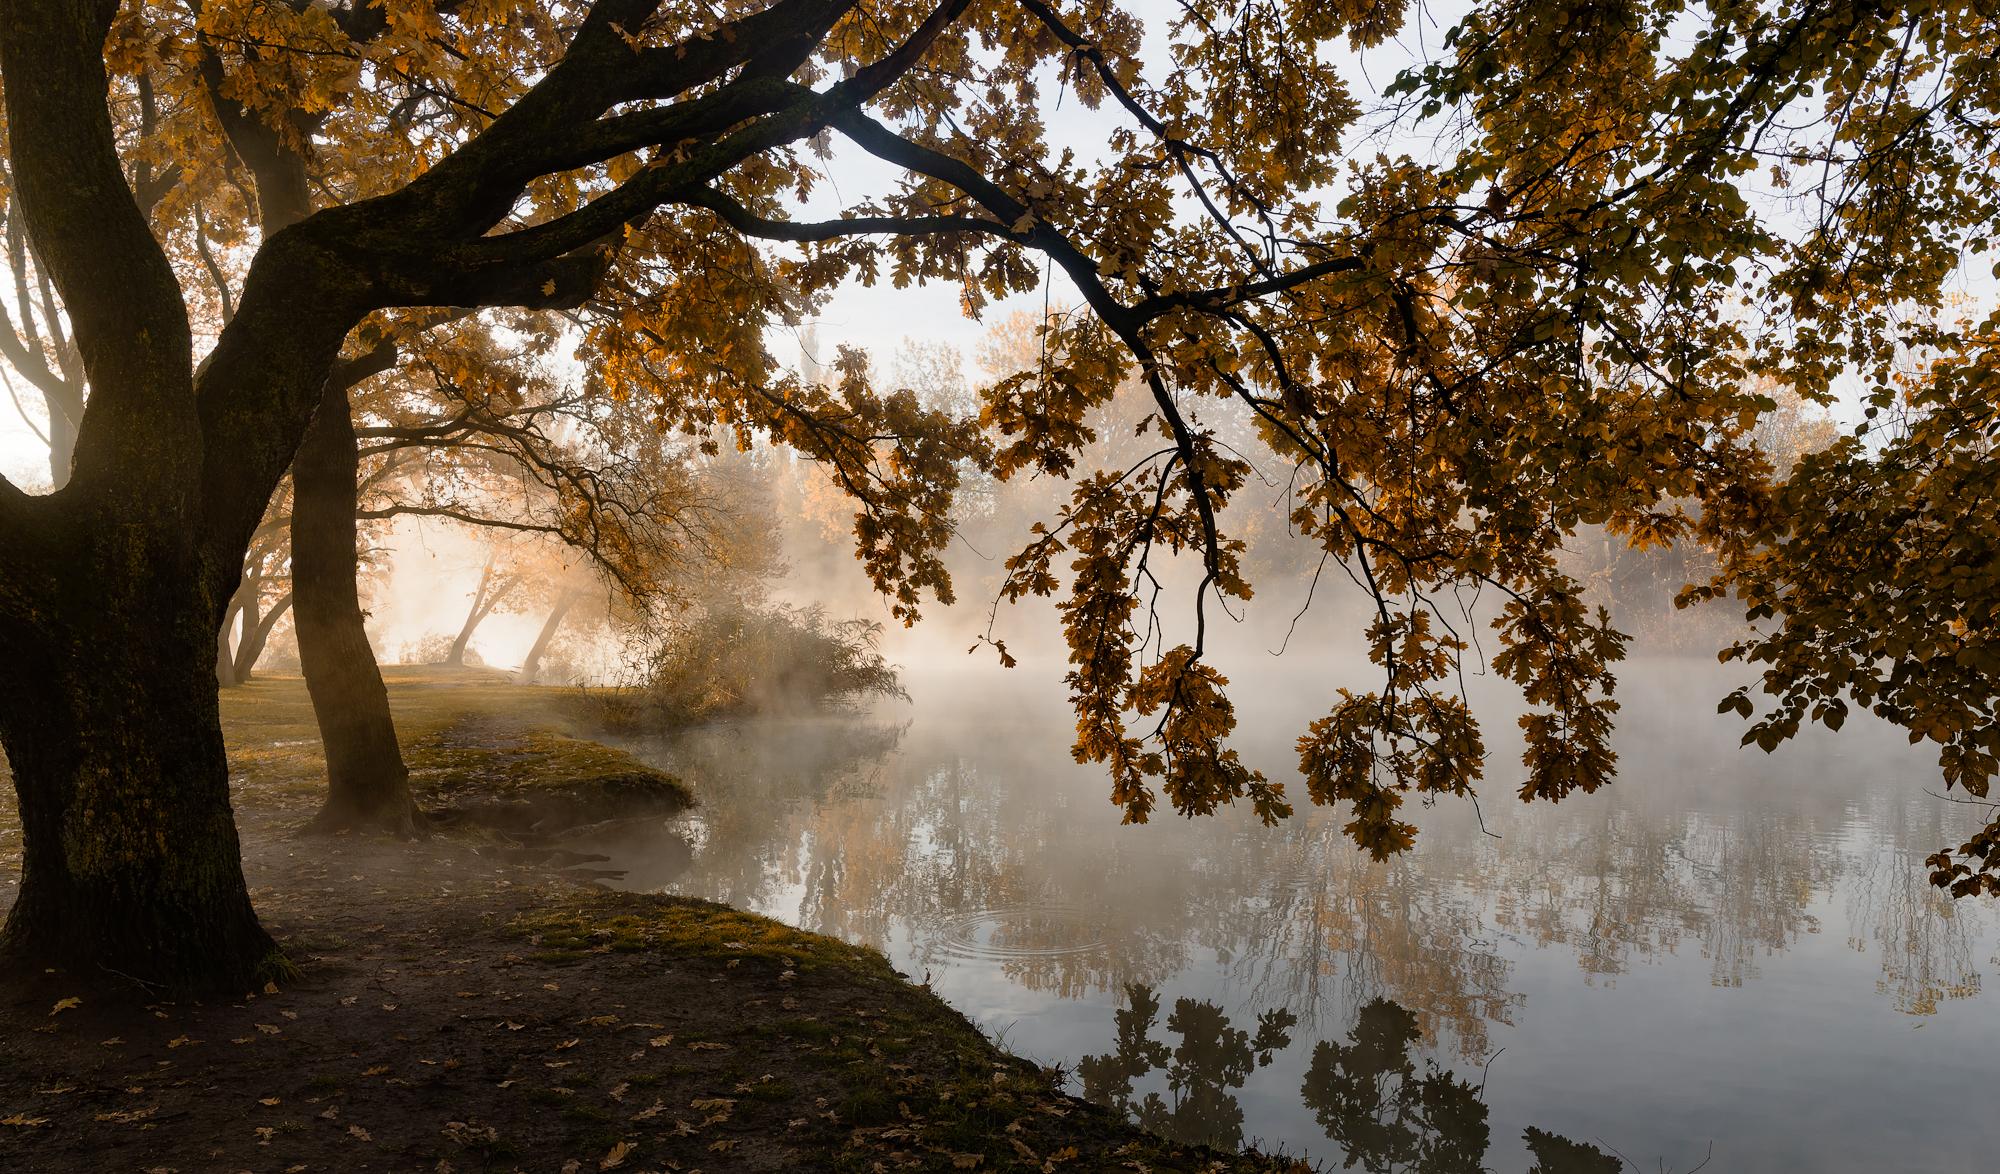 Утро пейзажного фотографа Александр Плеханов